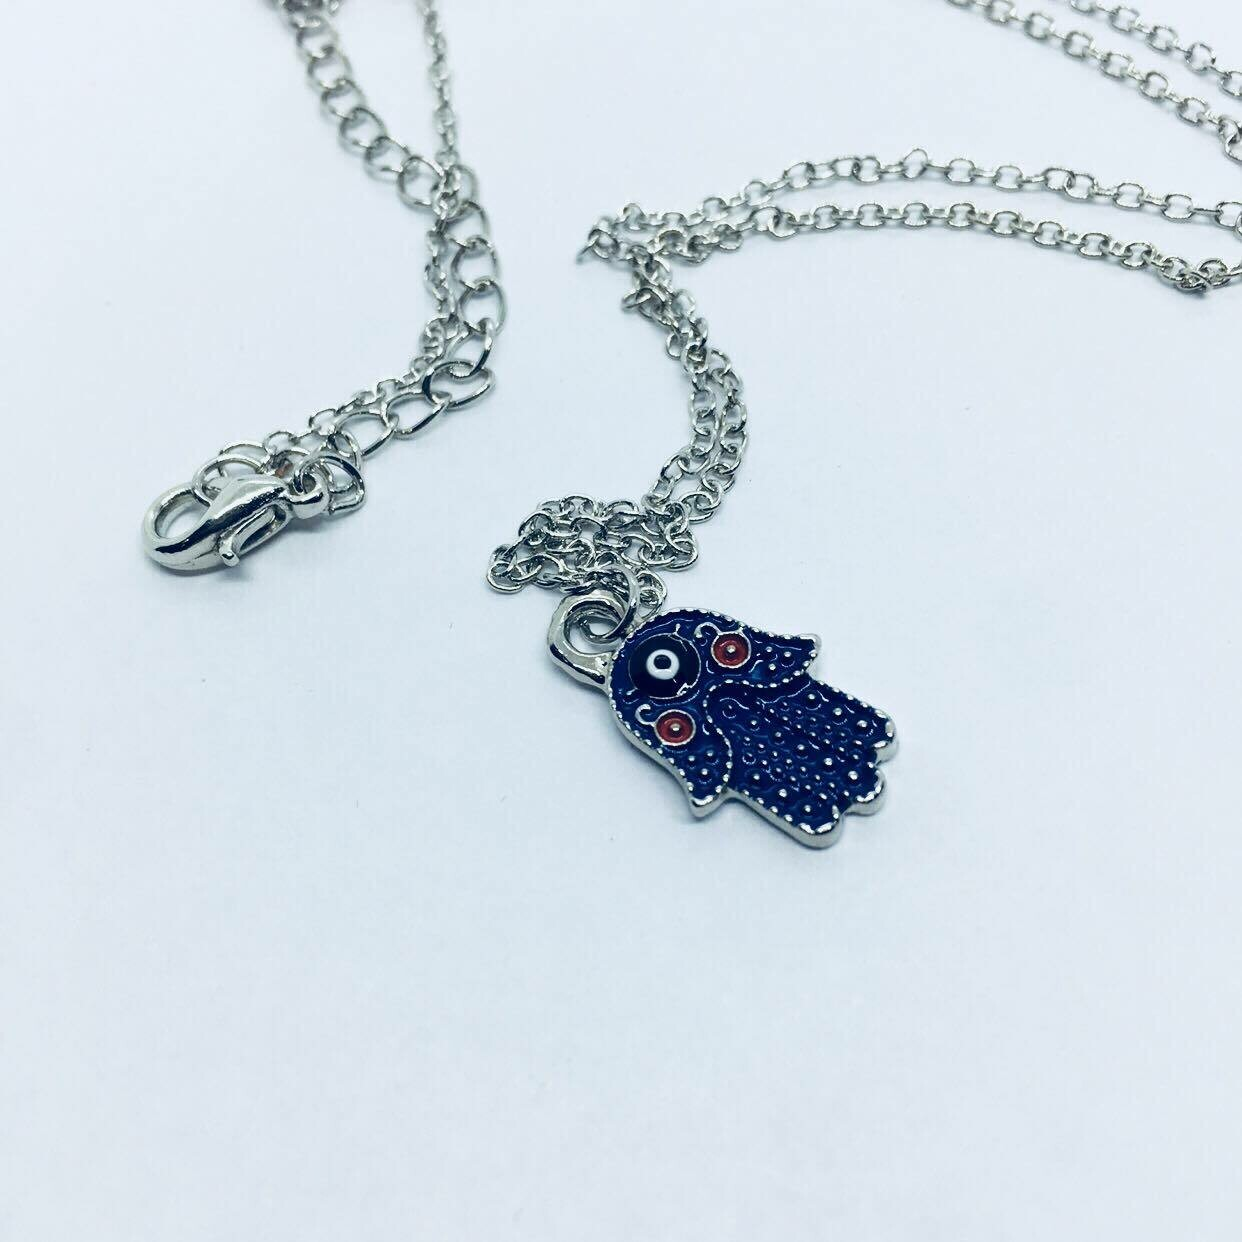 Small Hamsa Hand necklace silver tone